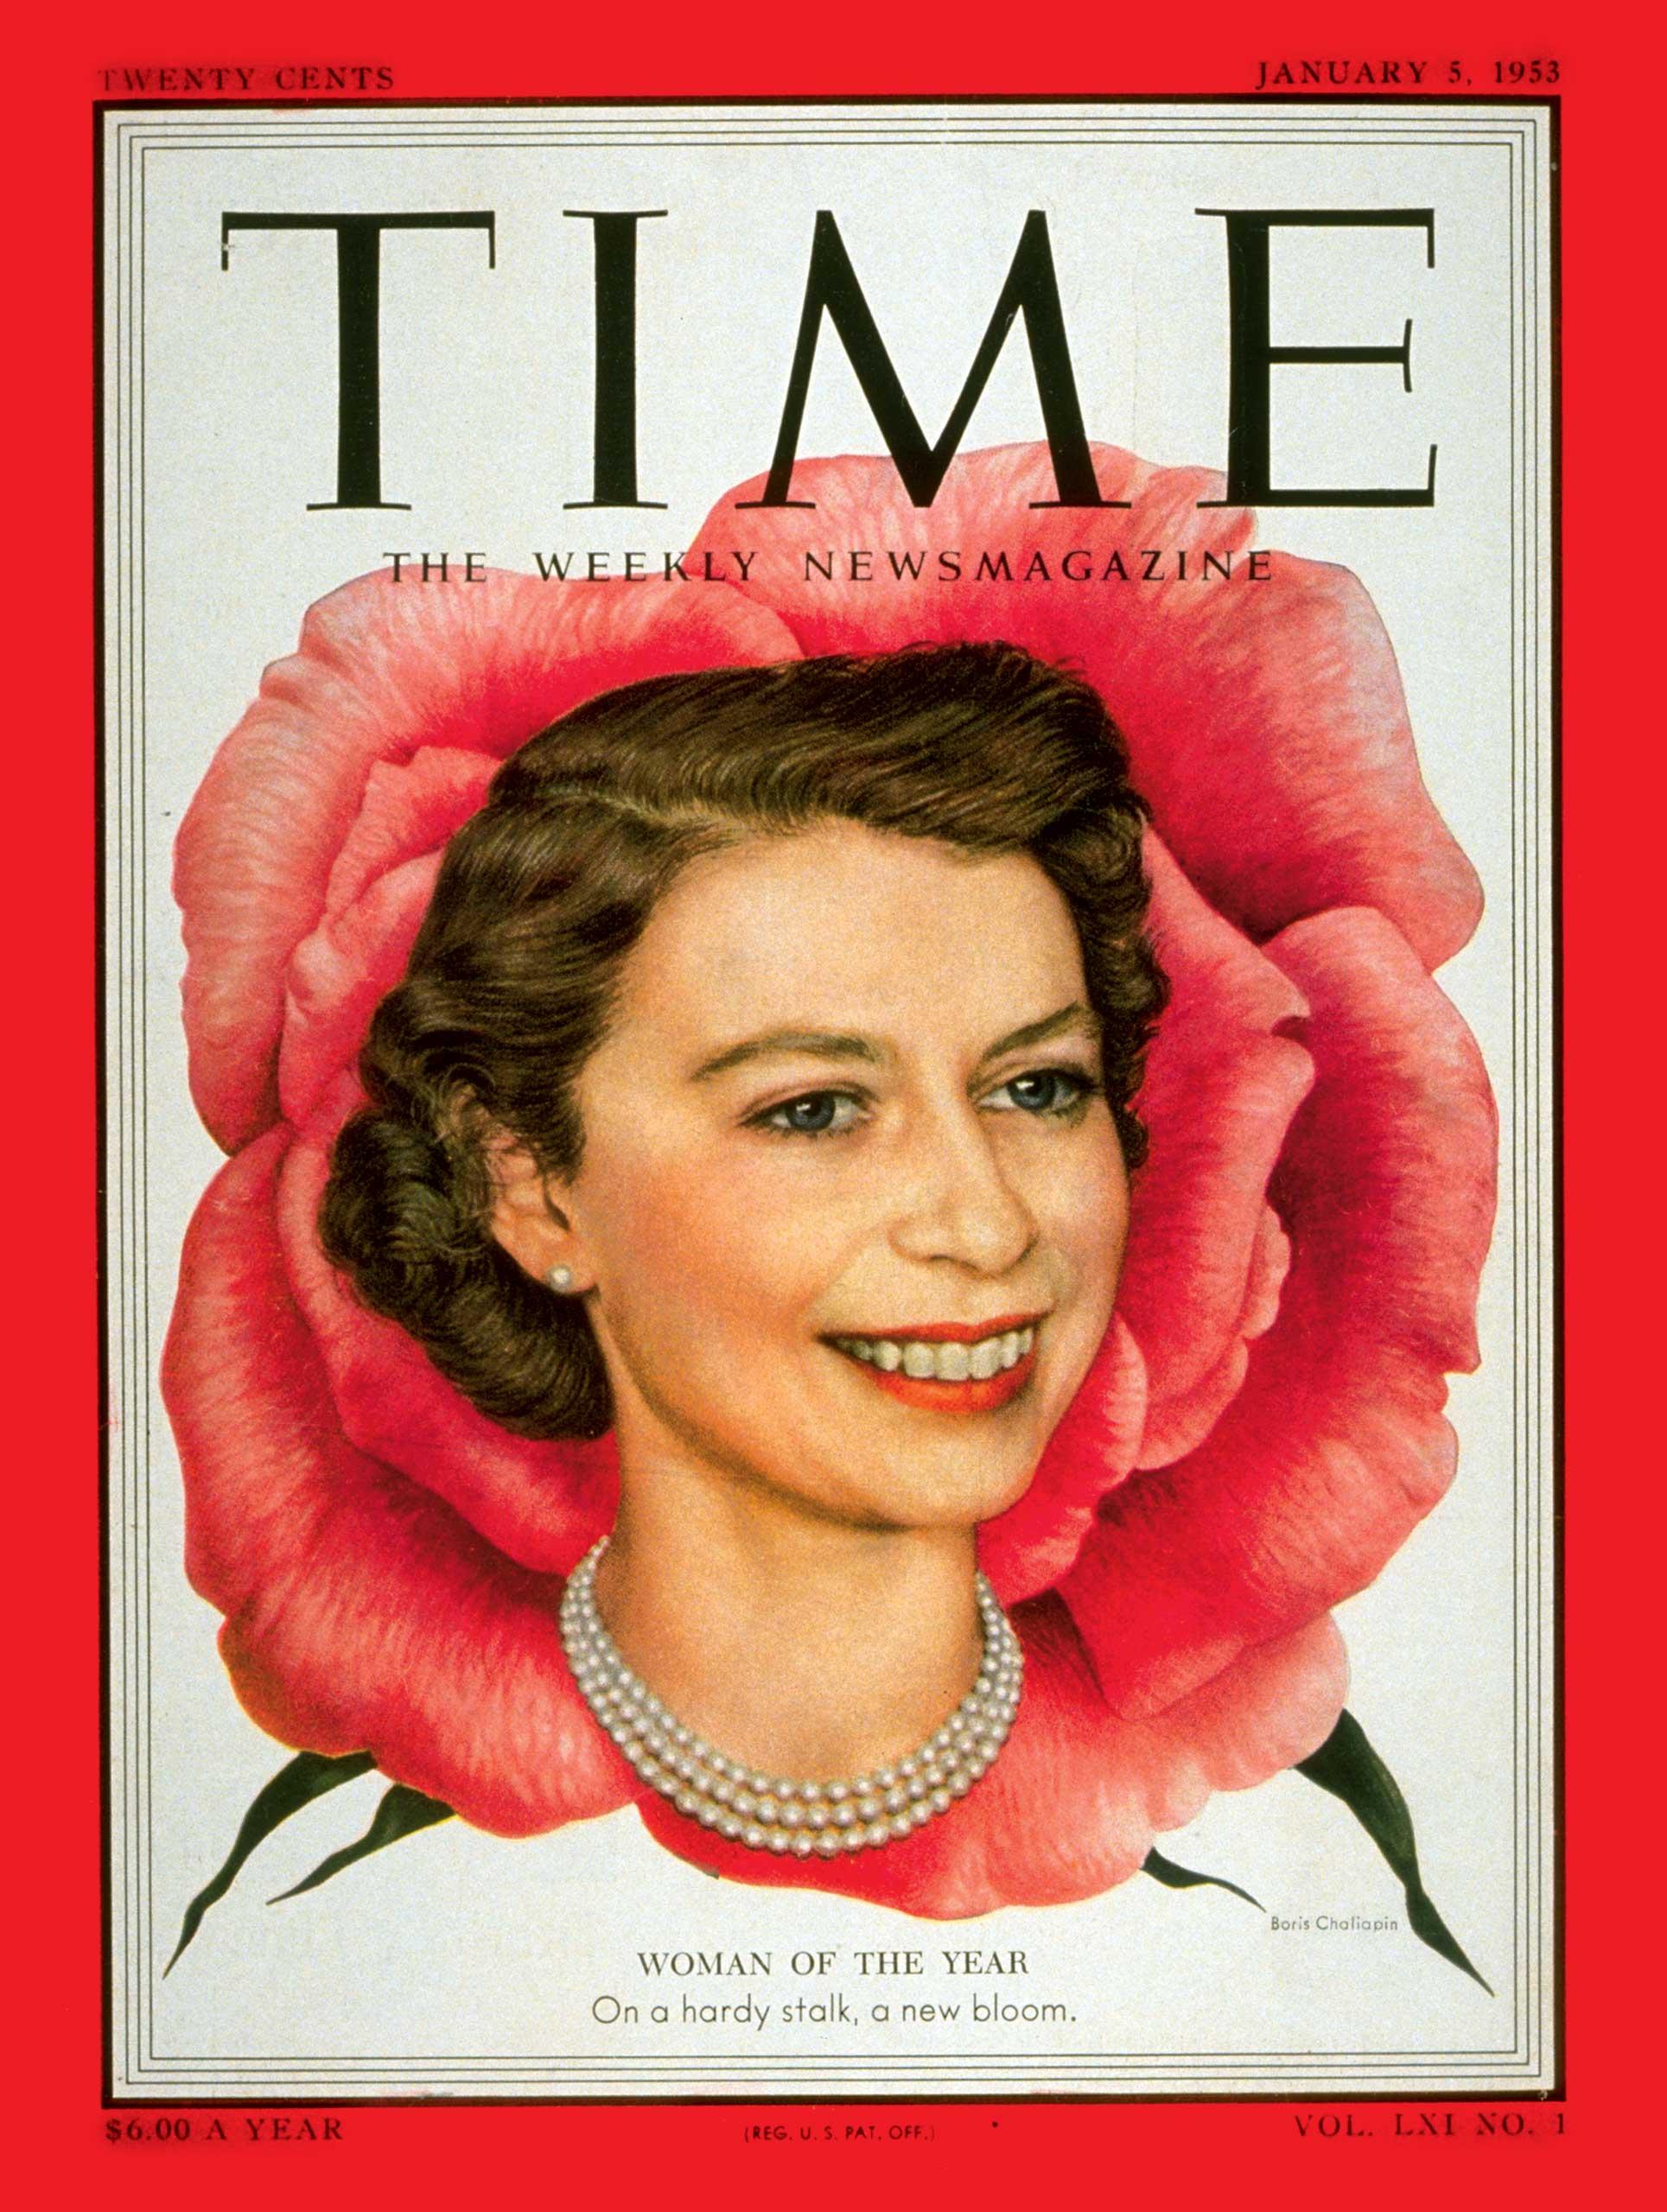 1952: Queen Elizabeth II